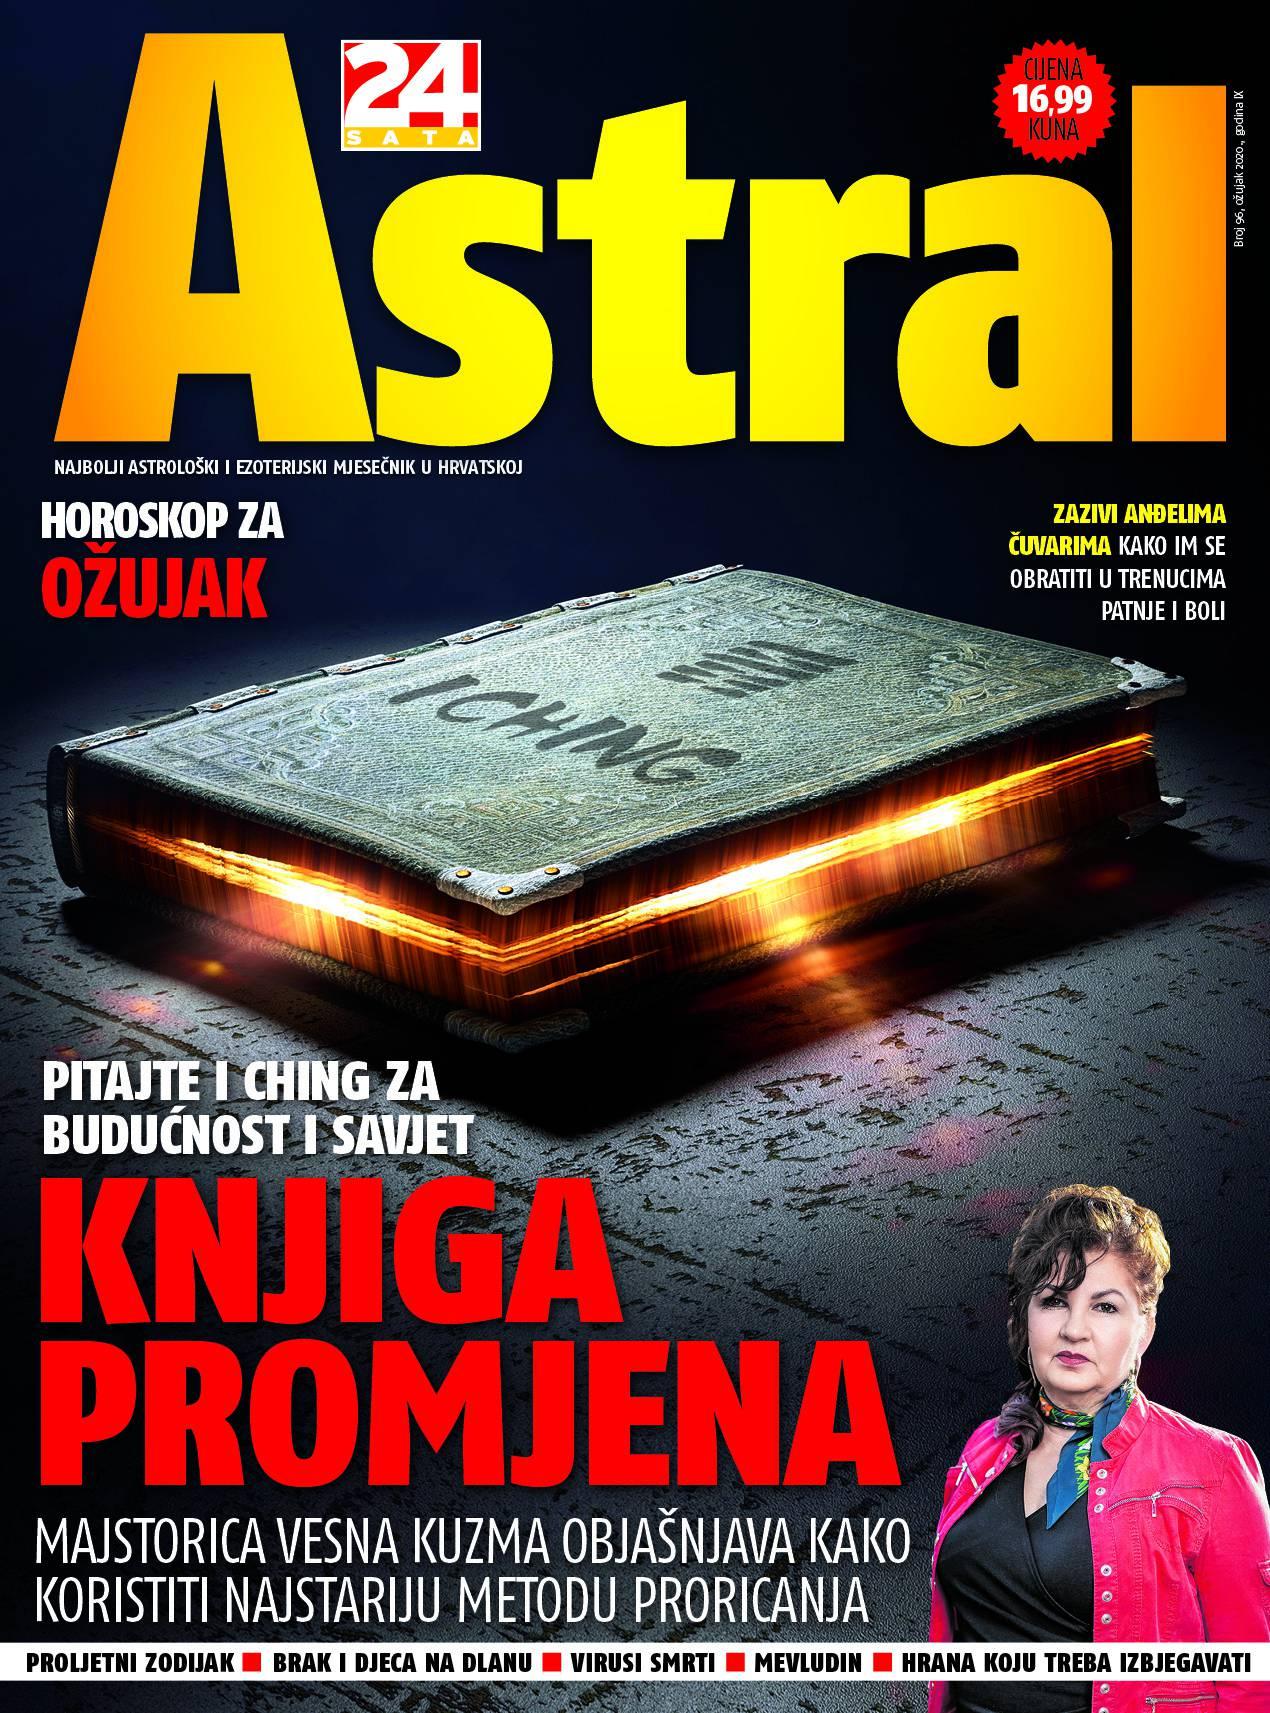 Astral vam donosi vodič kroz najdrevniju metodu proricanja